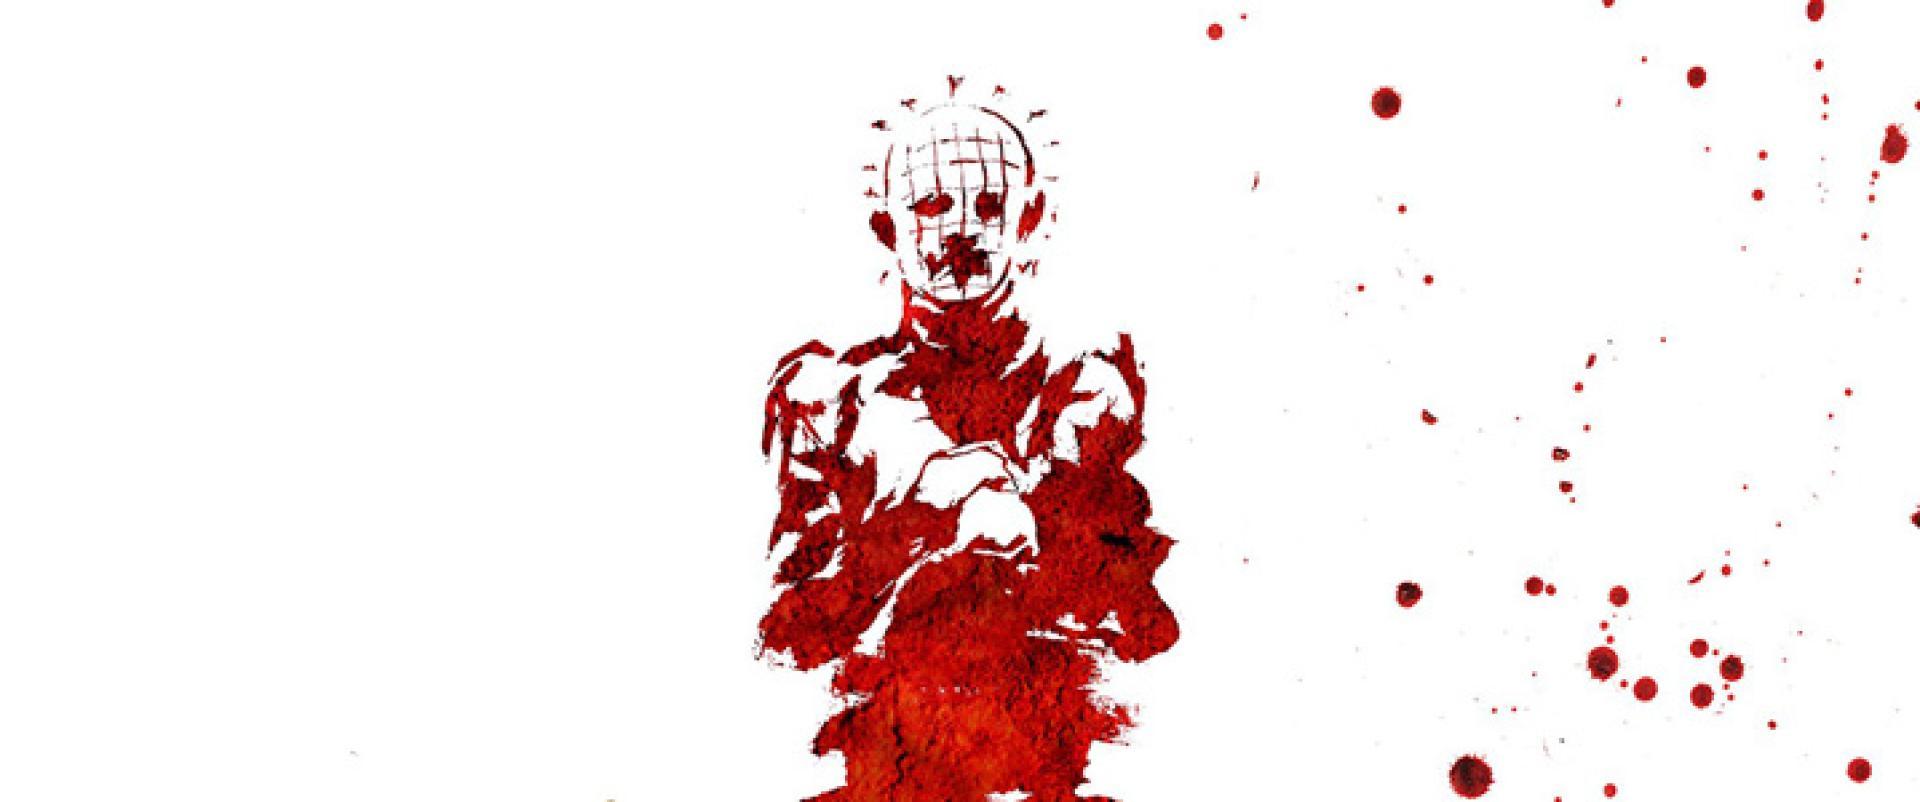 Clive Barker: The Scarlet Gospels - A vér evangéliuma (2015)